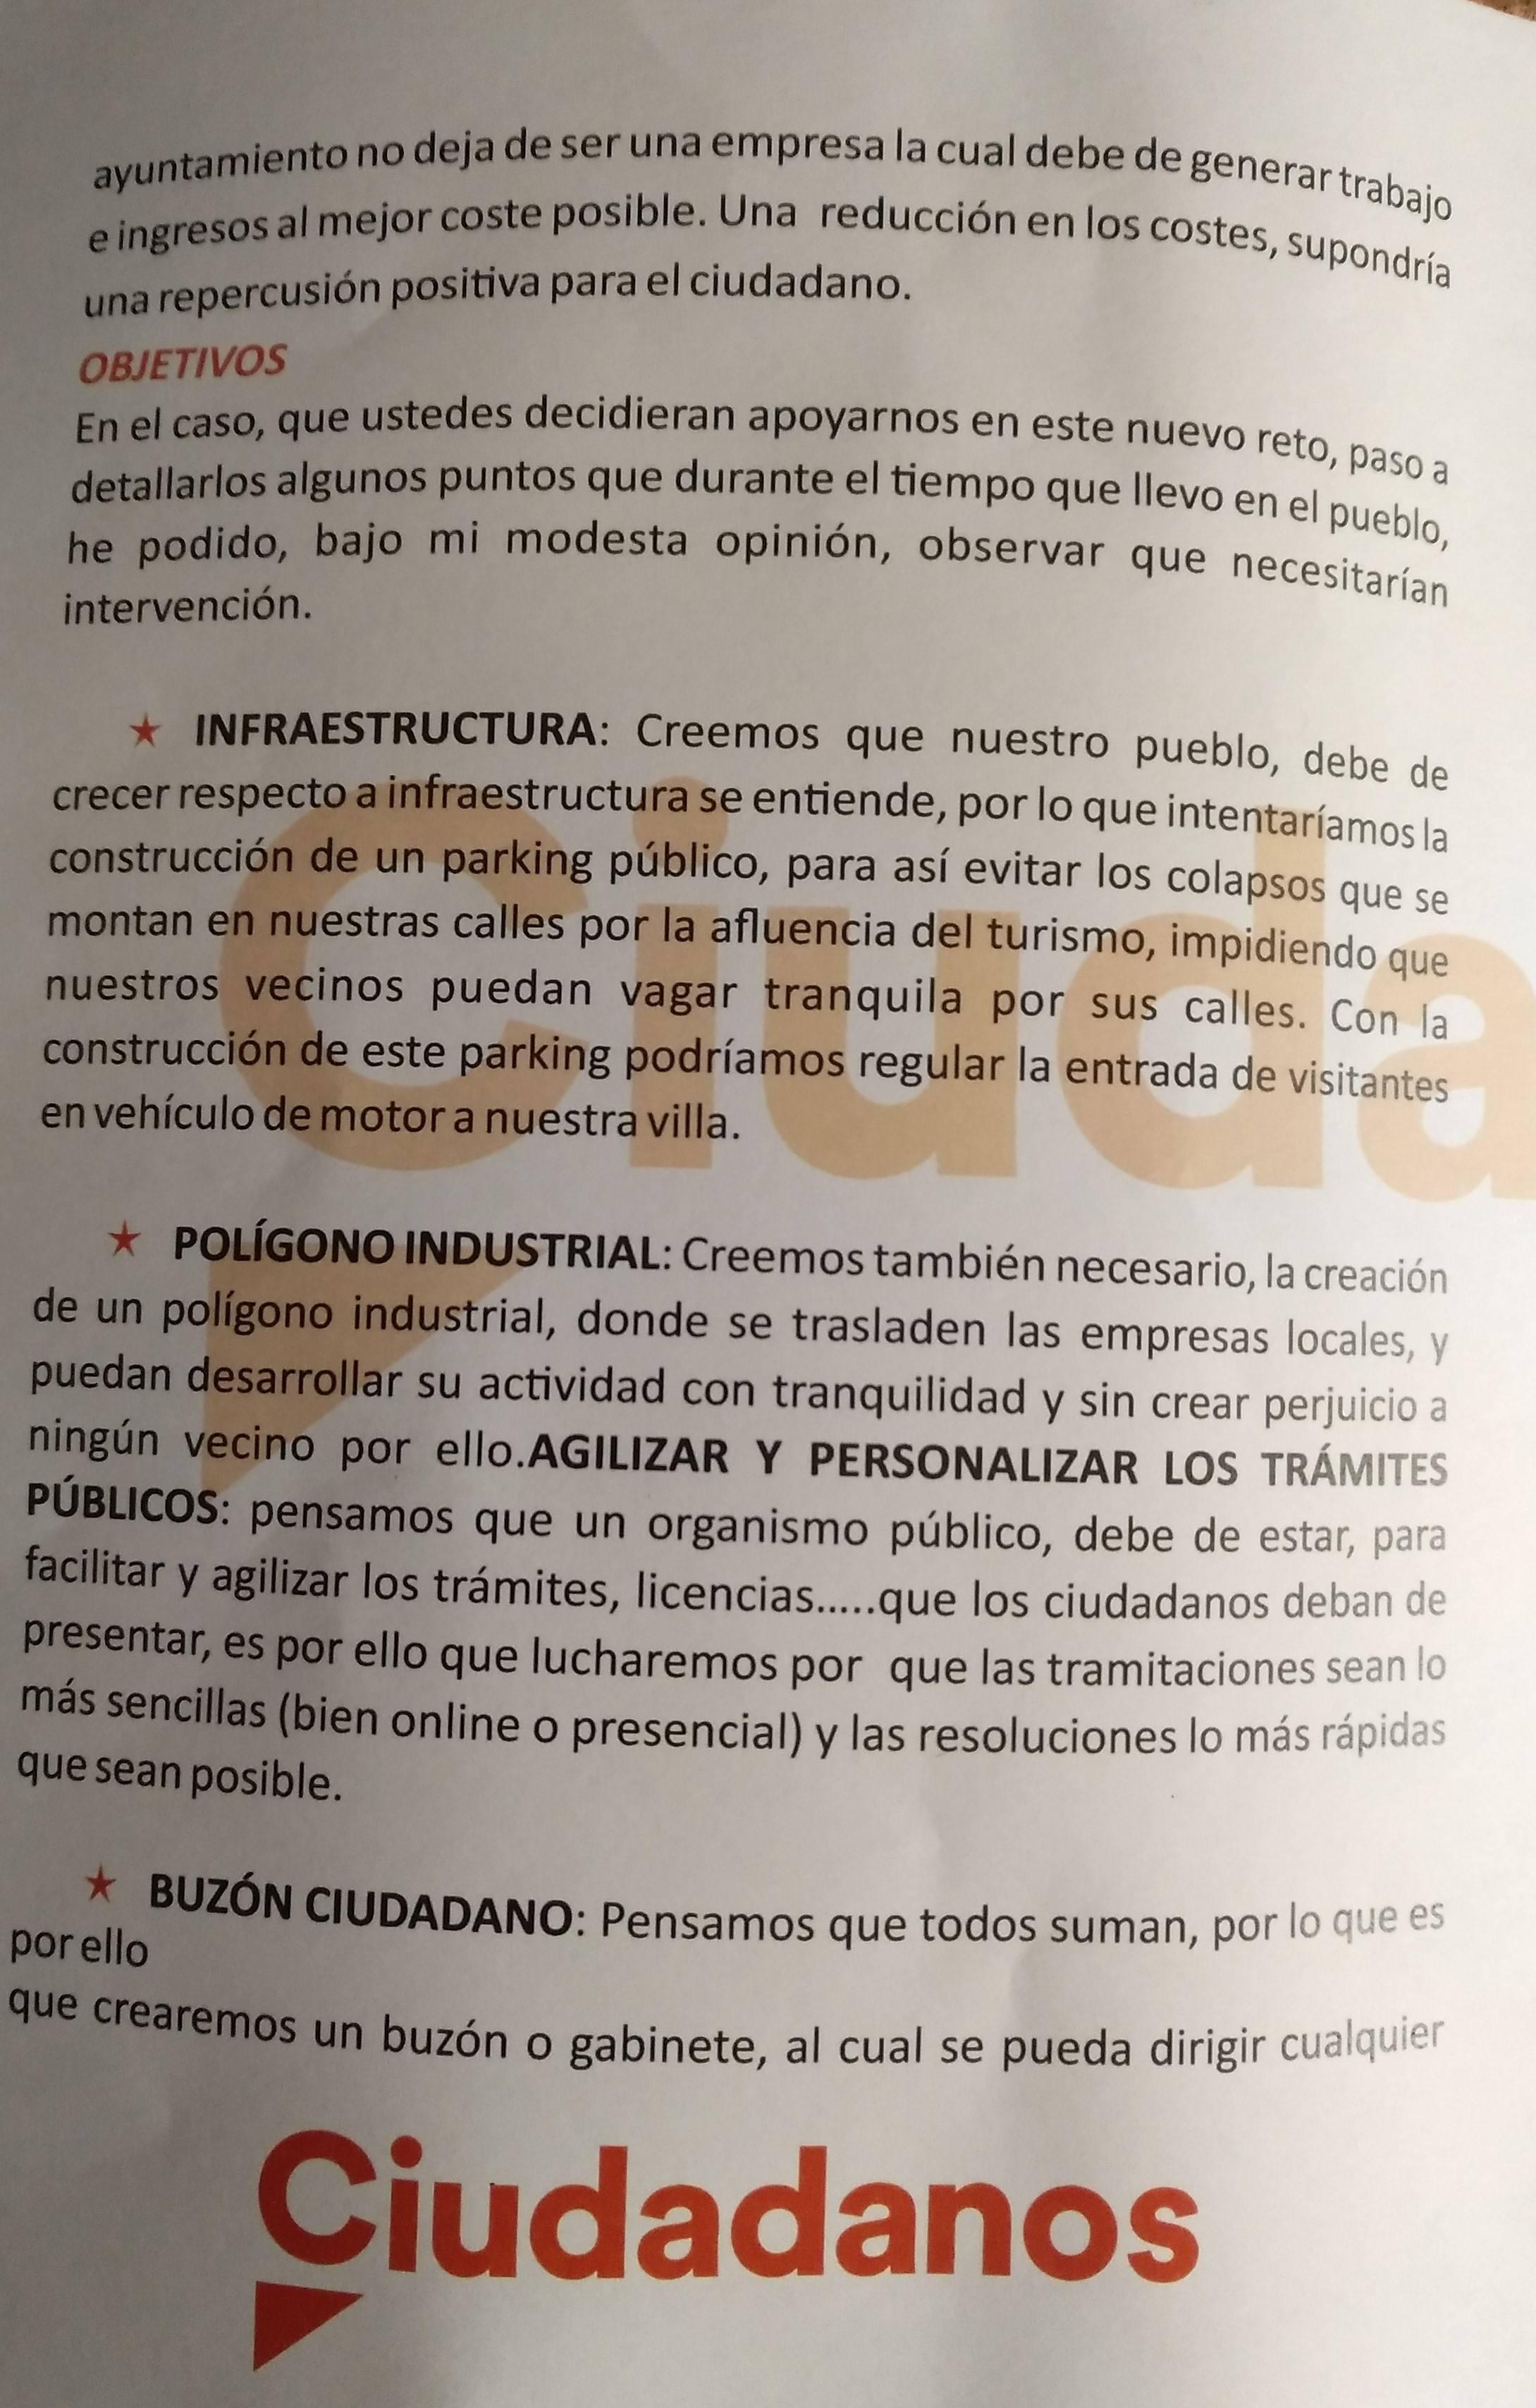 Programa electoral Ciudadanos 2019 - Guadalupe (Cáceres) 2